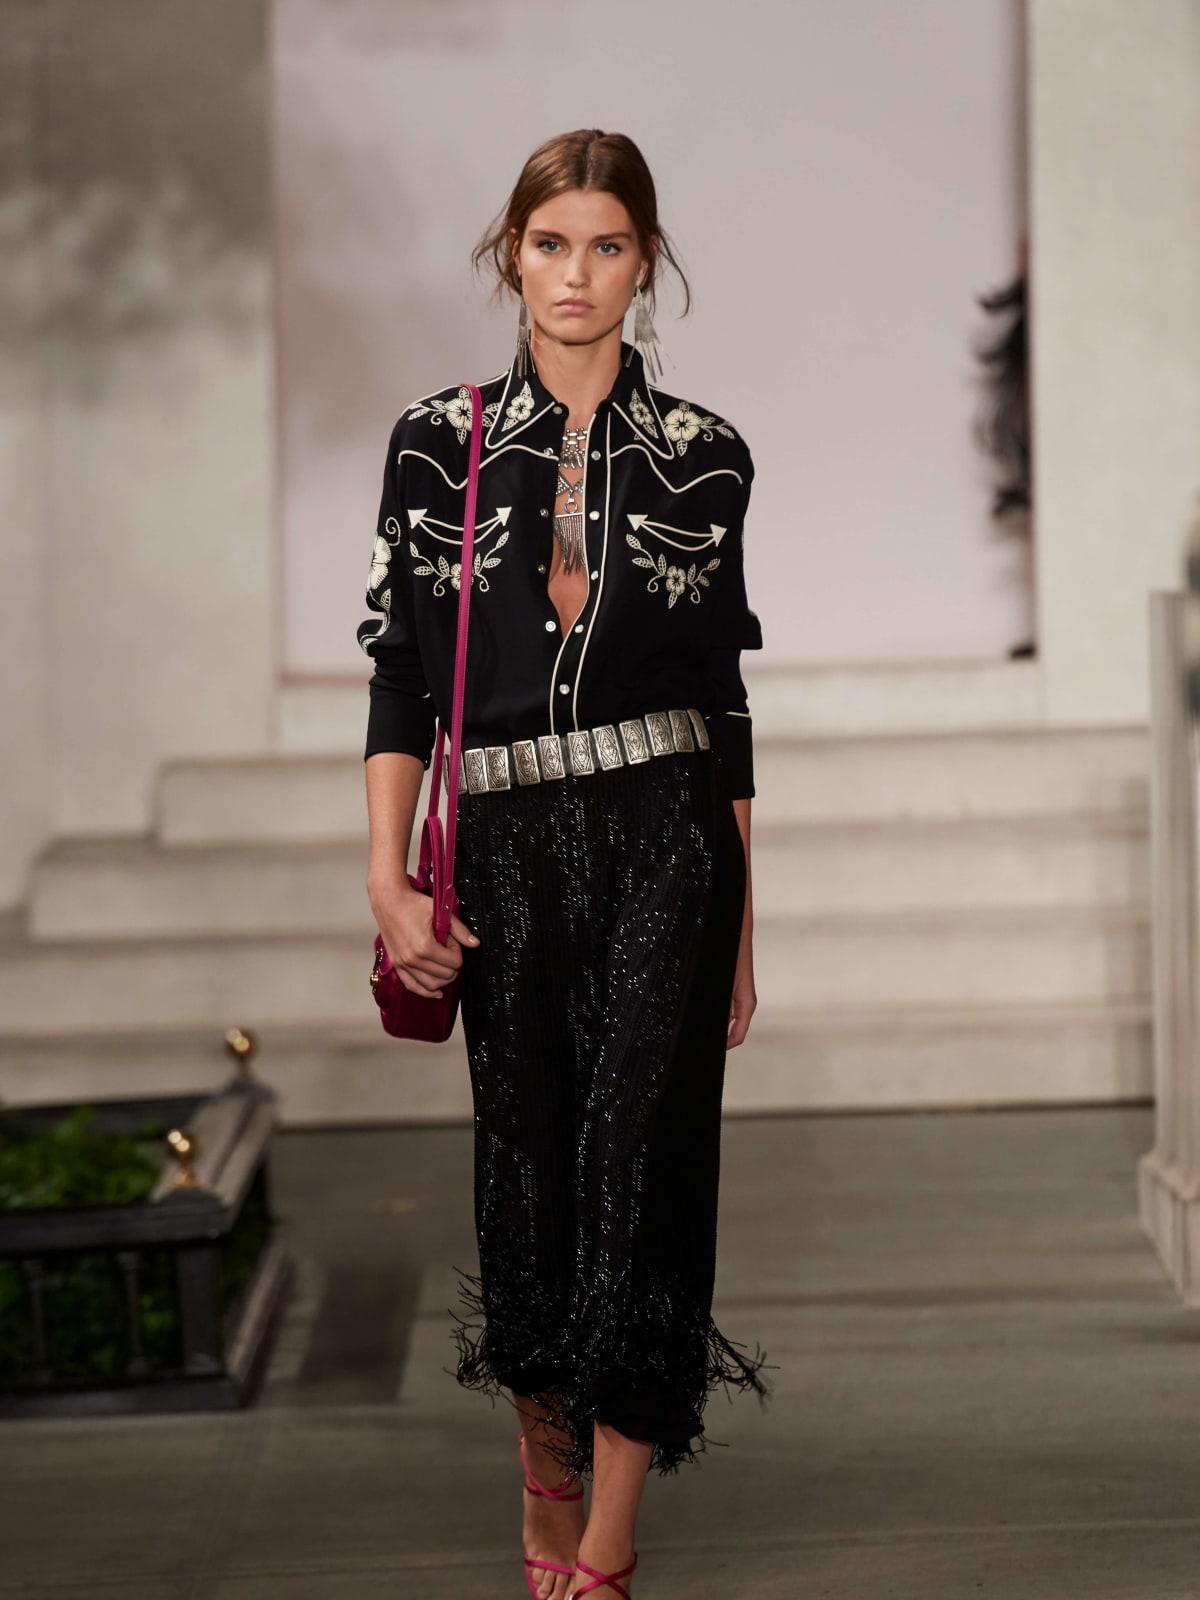 Ralph Lauren gown look 2